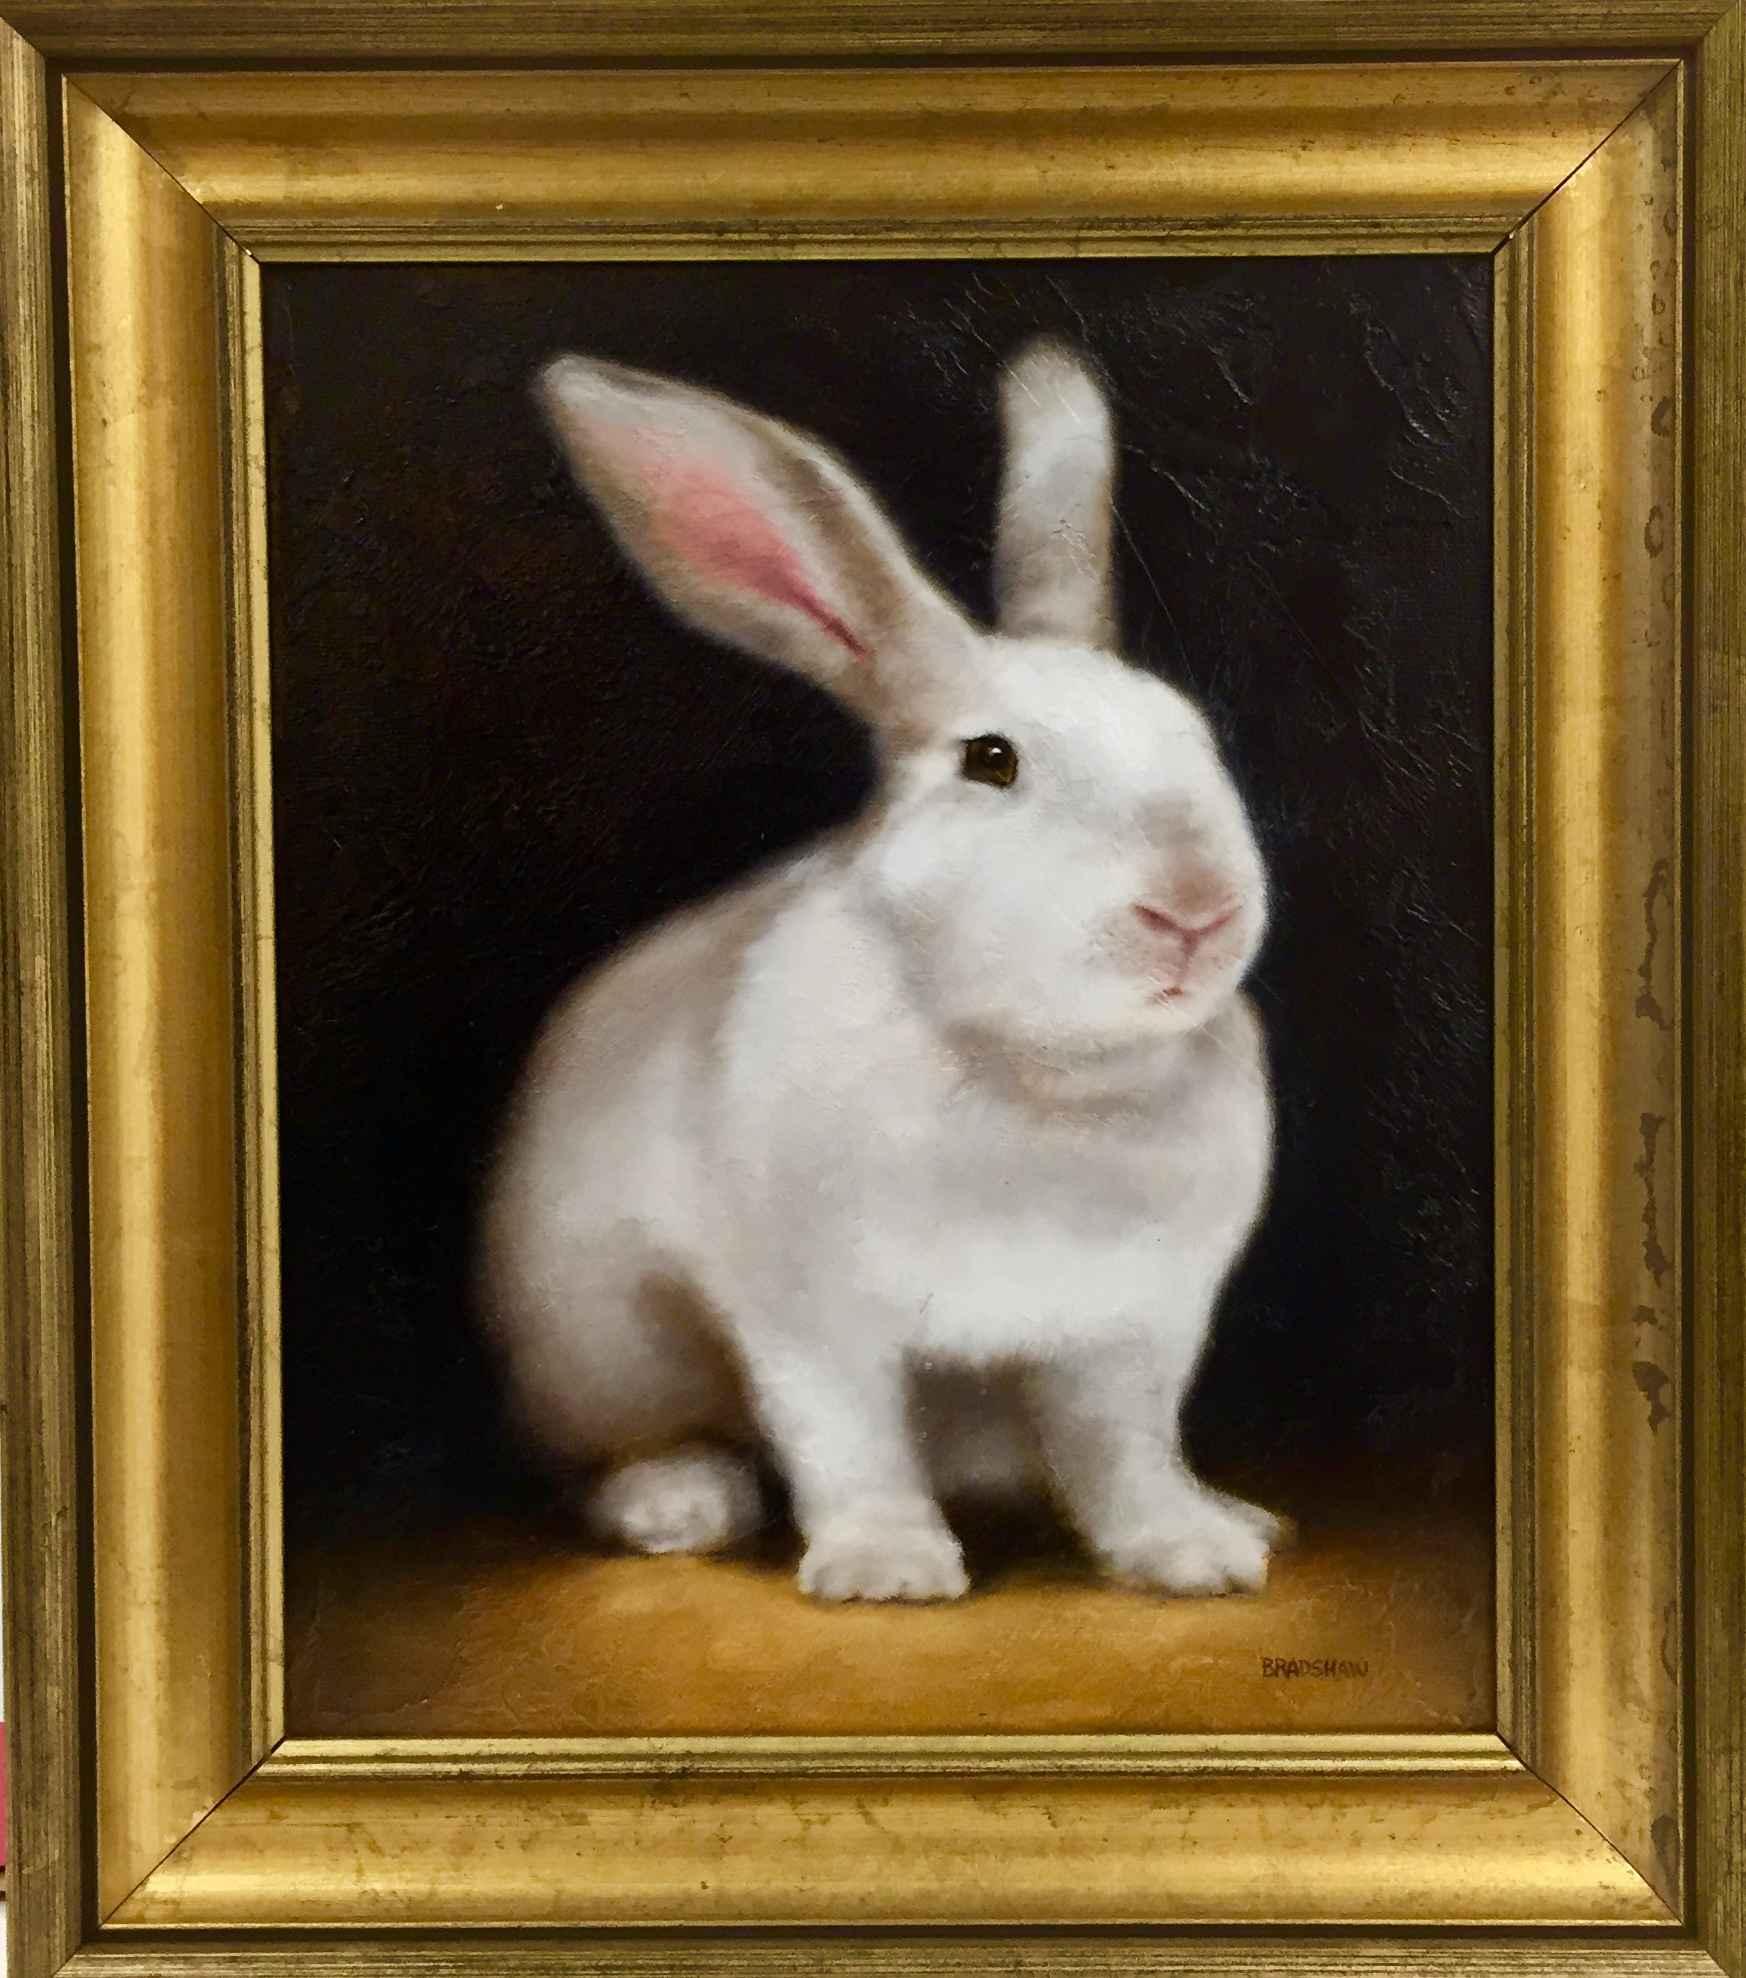 White Rabbit by  Pauline Bradshaw - Masterpiece Online